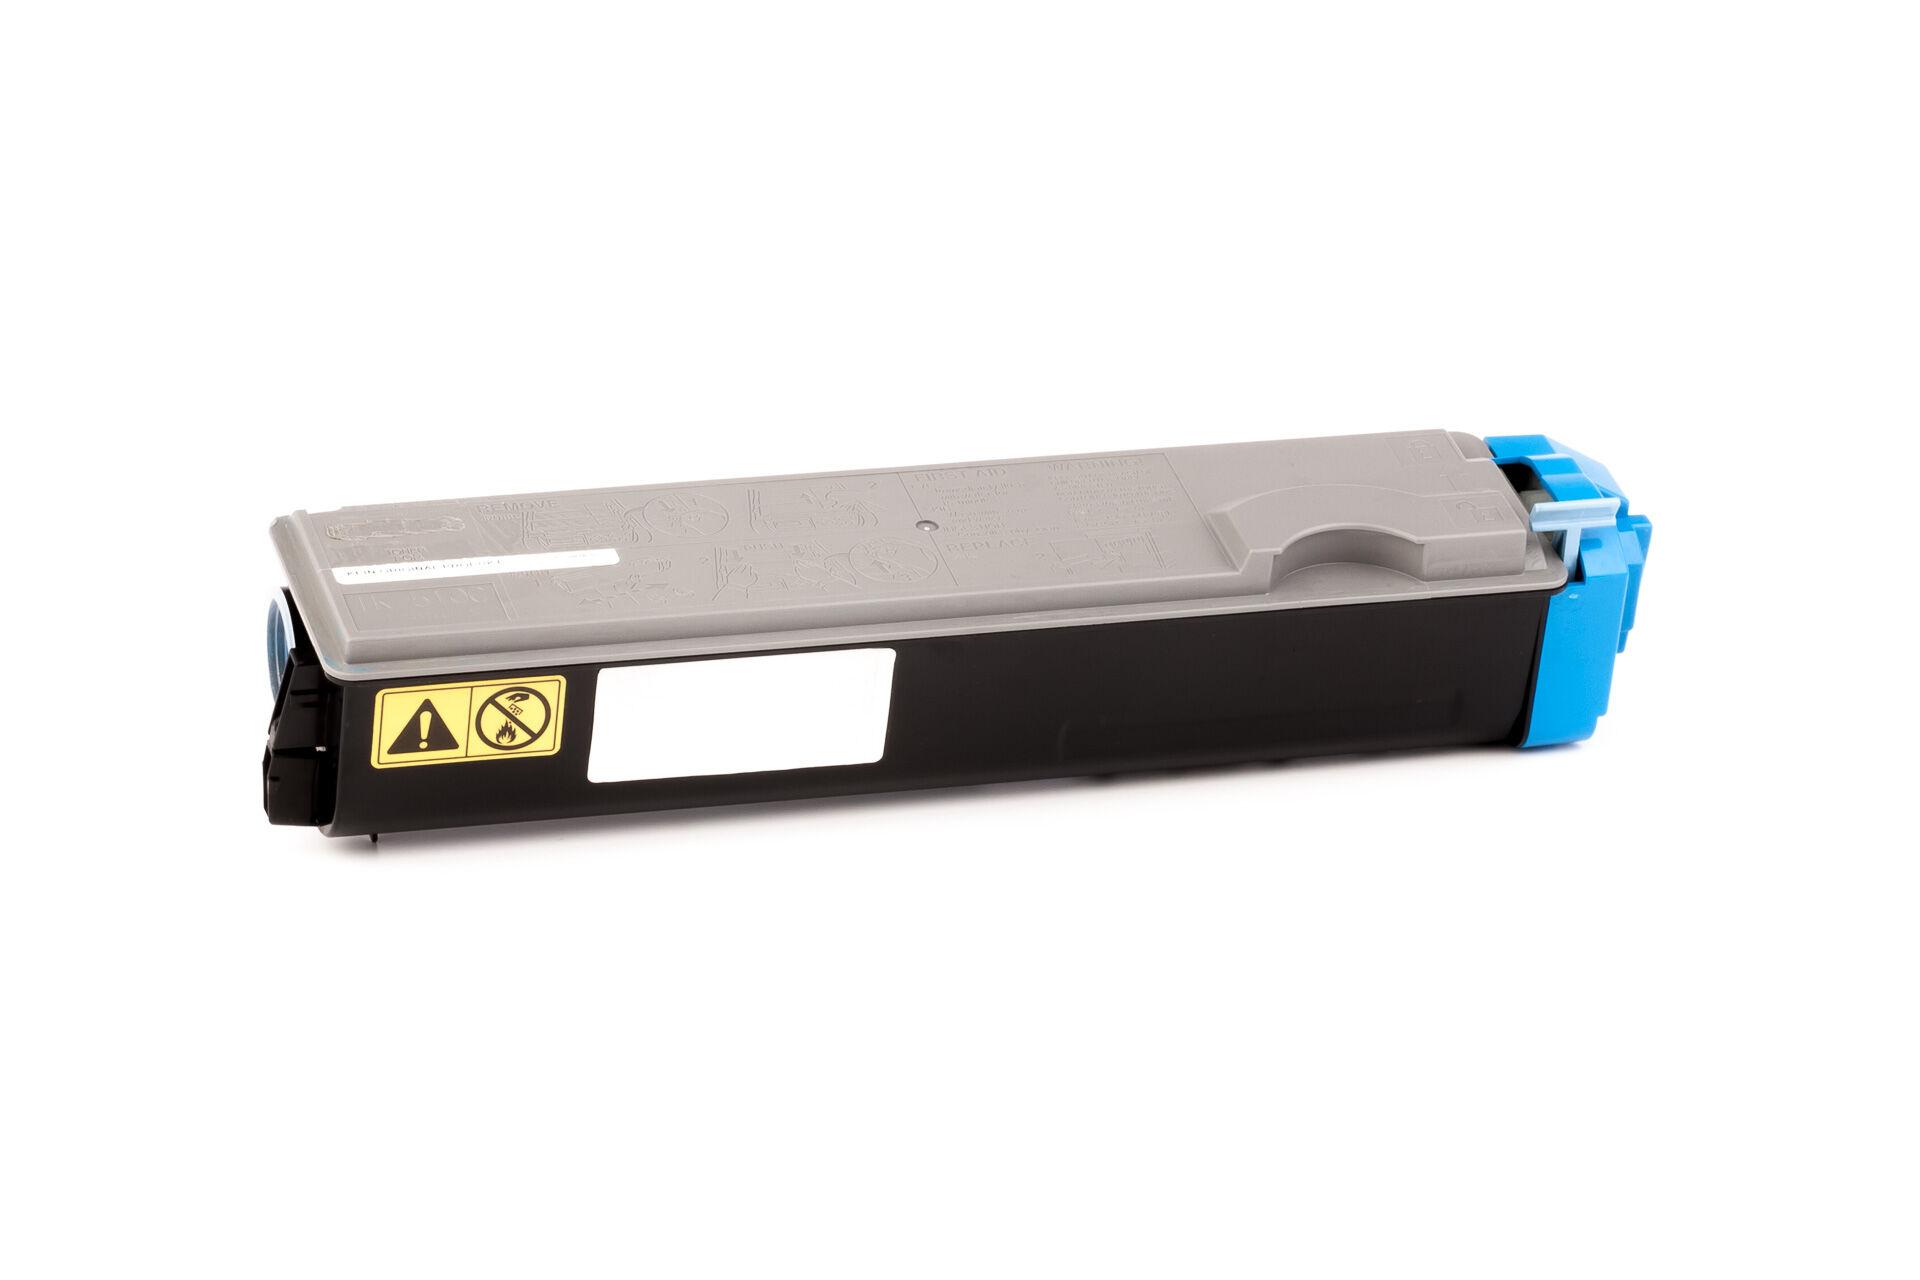 Kyocera Cartouche de Toner pour Kyocera 1T02F3CEU0 / TK-510 C cyan compatible (de marque ASC)